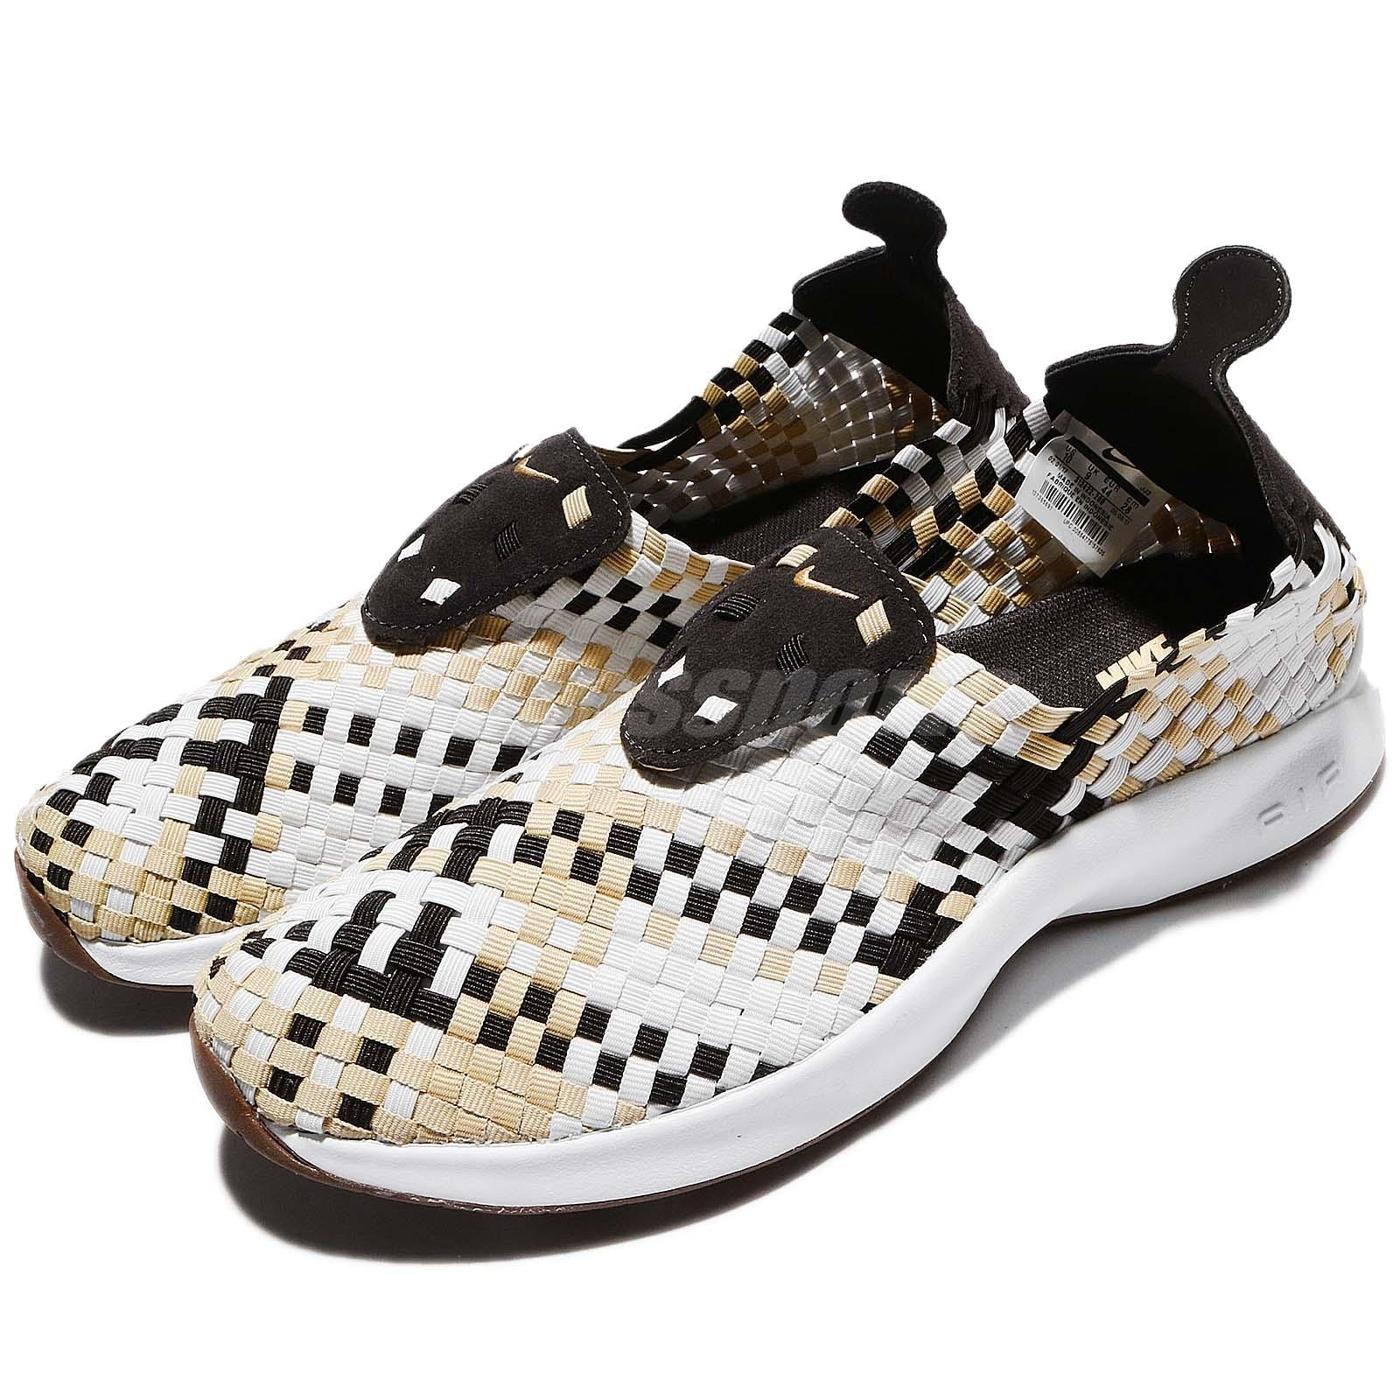 Nike Air Woven白咖啡編織藤原浩平民版休閒鞋男鞋女鞋PUMP306 312422-200